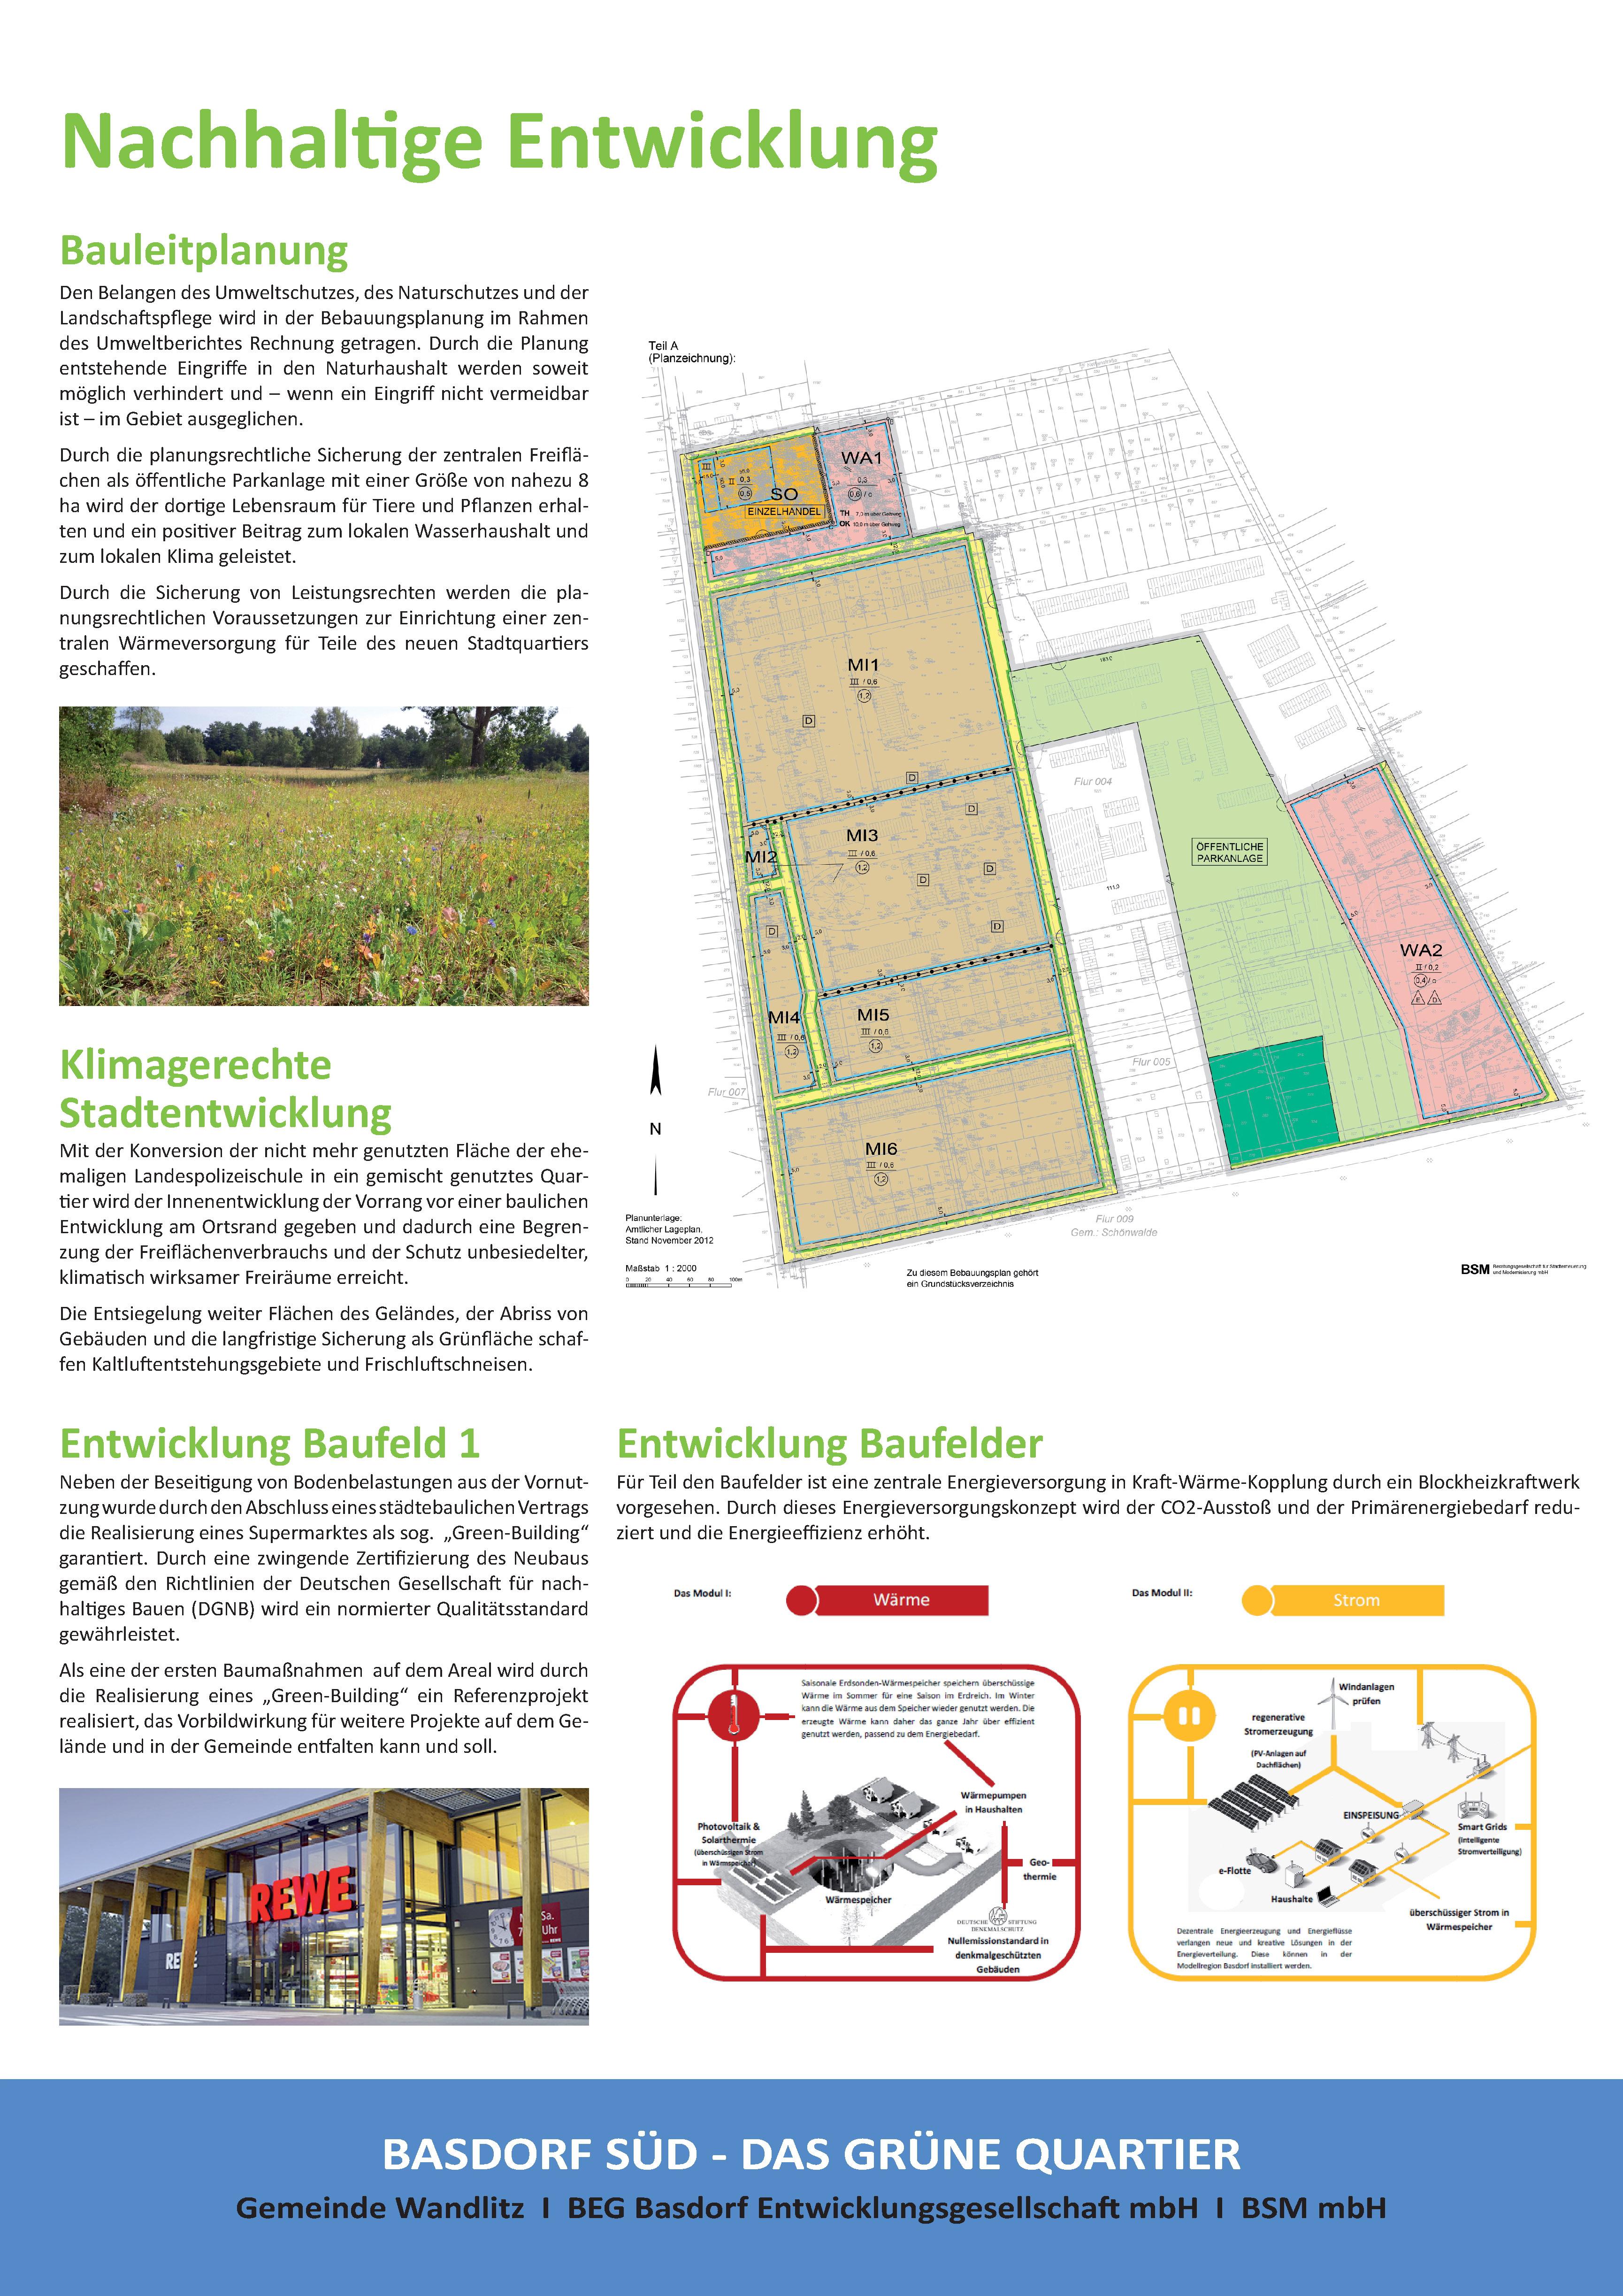 Nachhaltige Entwicklung_2